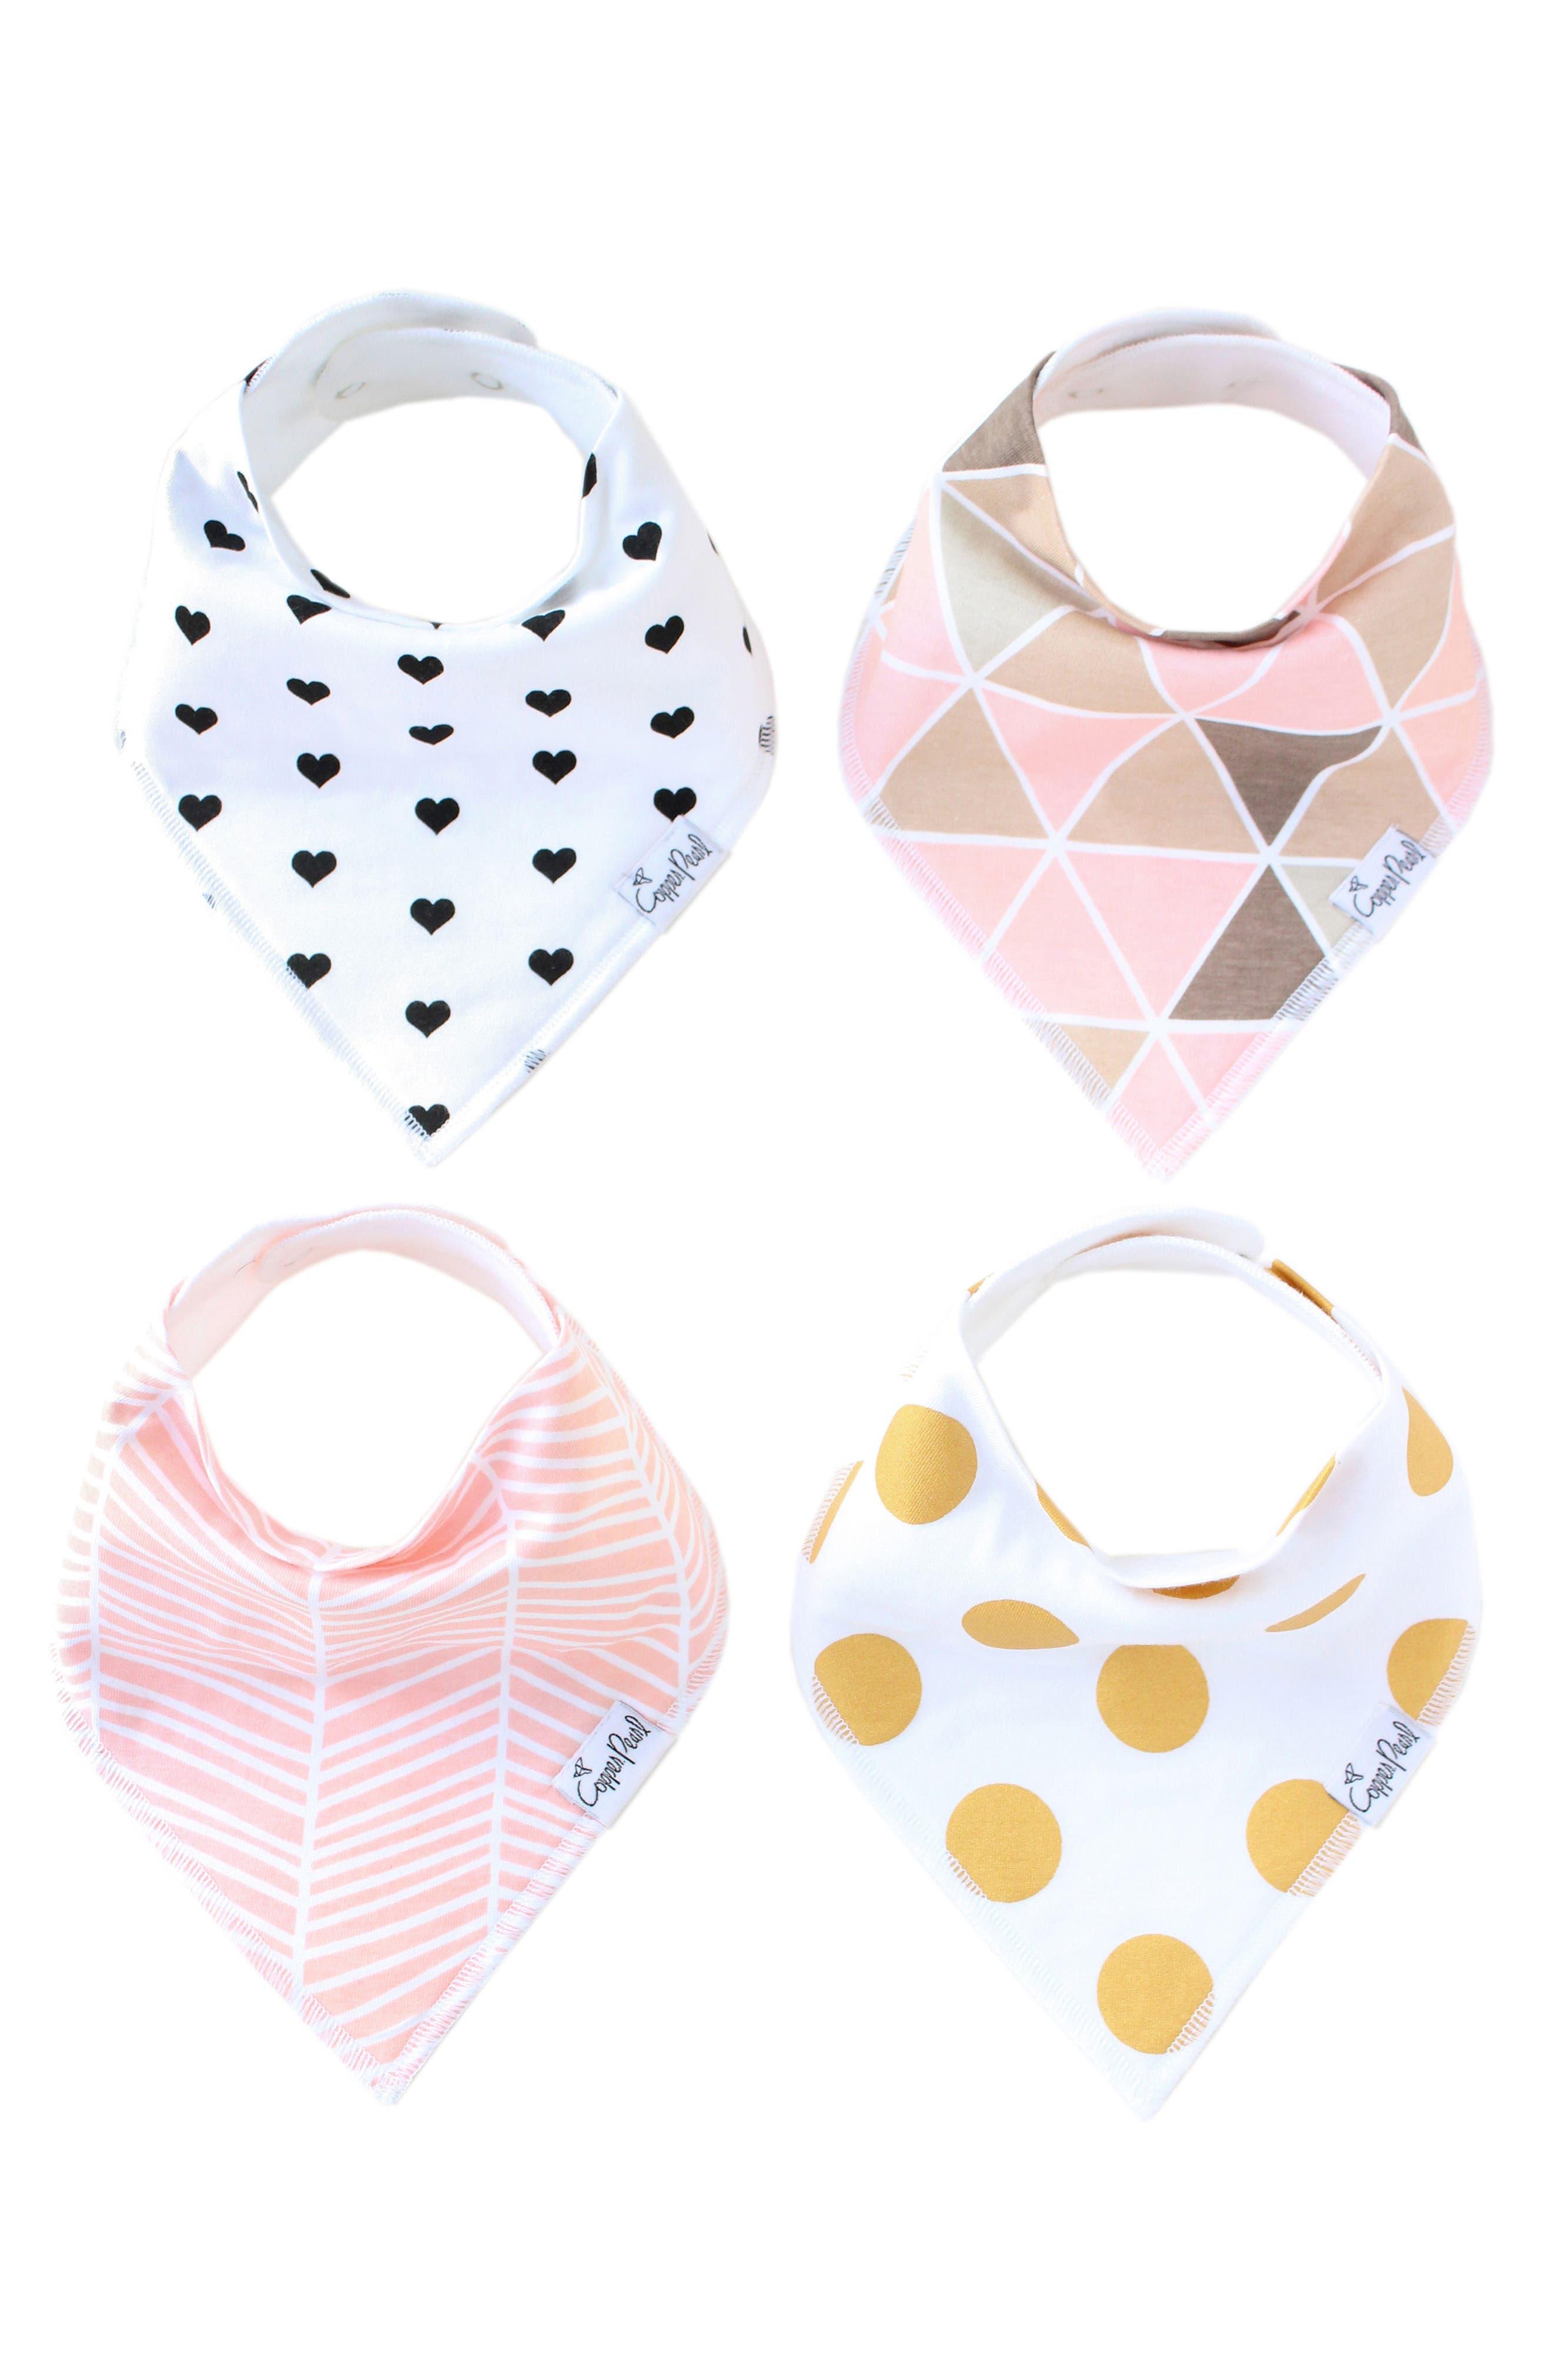 Blush Bib, Burp Cloth & Swaddle Blanket Gift Set,                             Alternate thumbnail 2, color,                             BLUSH